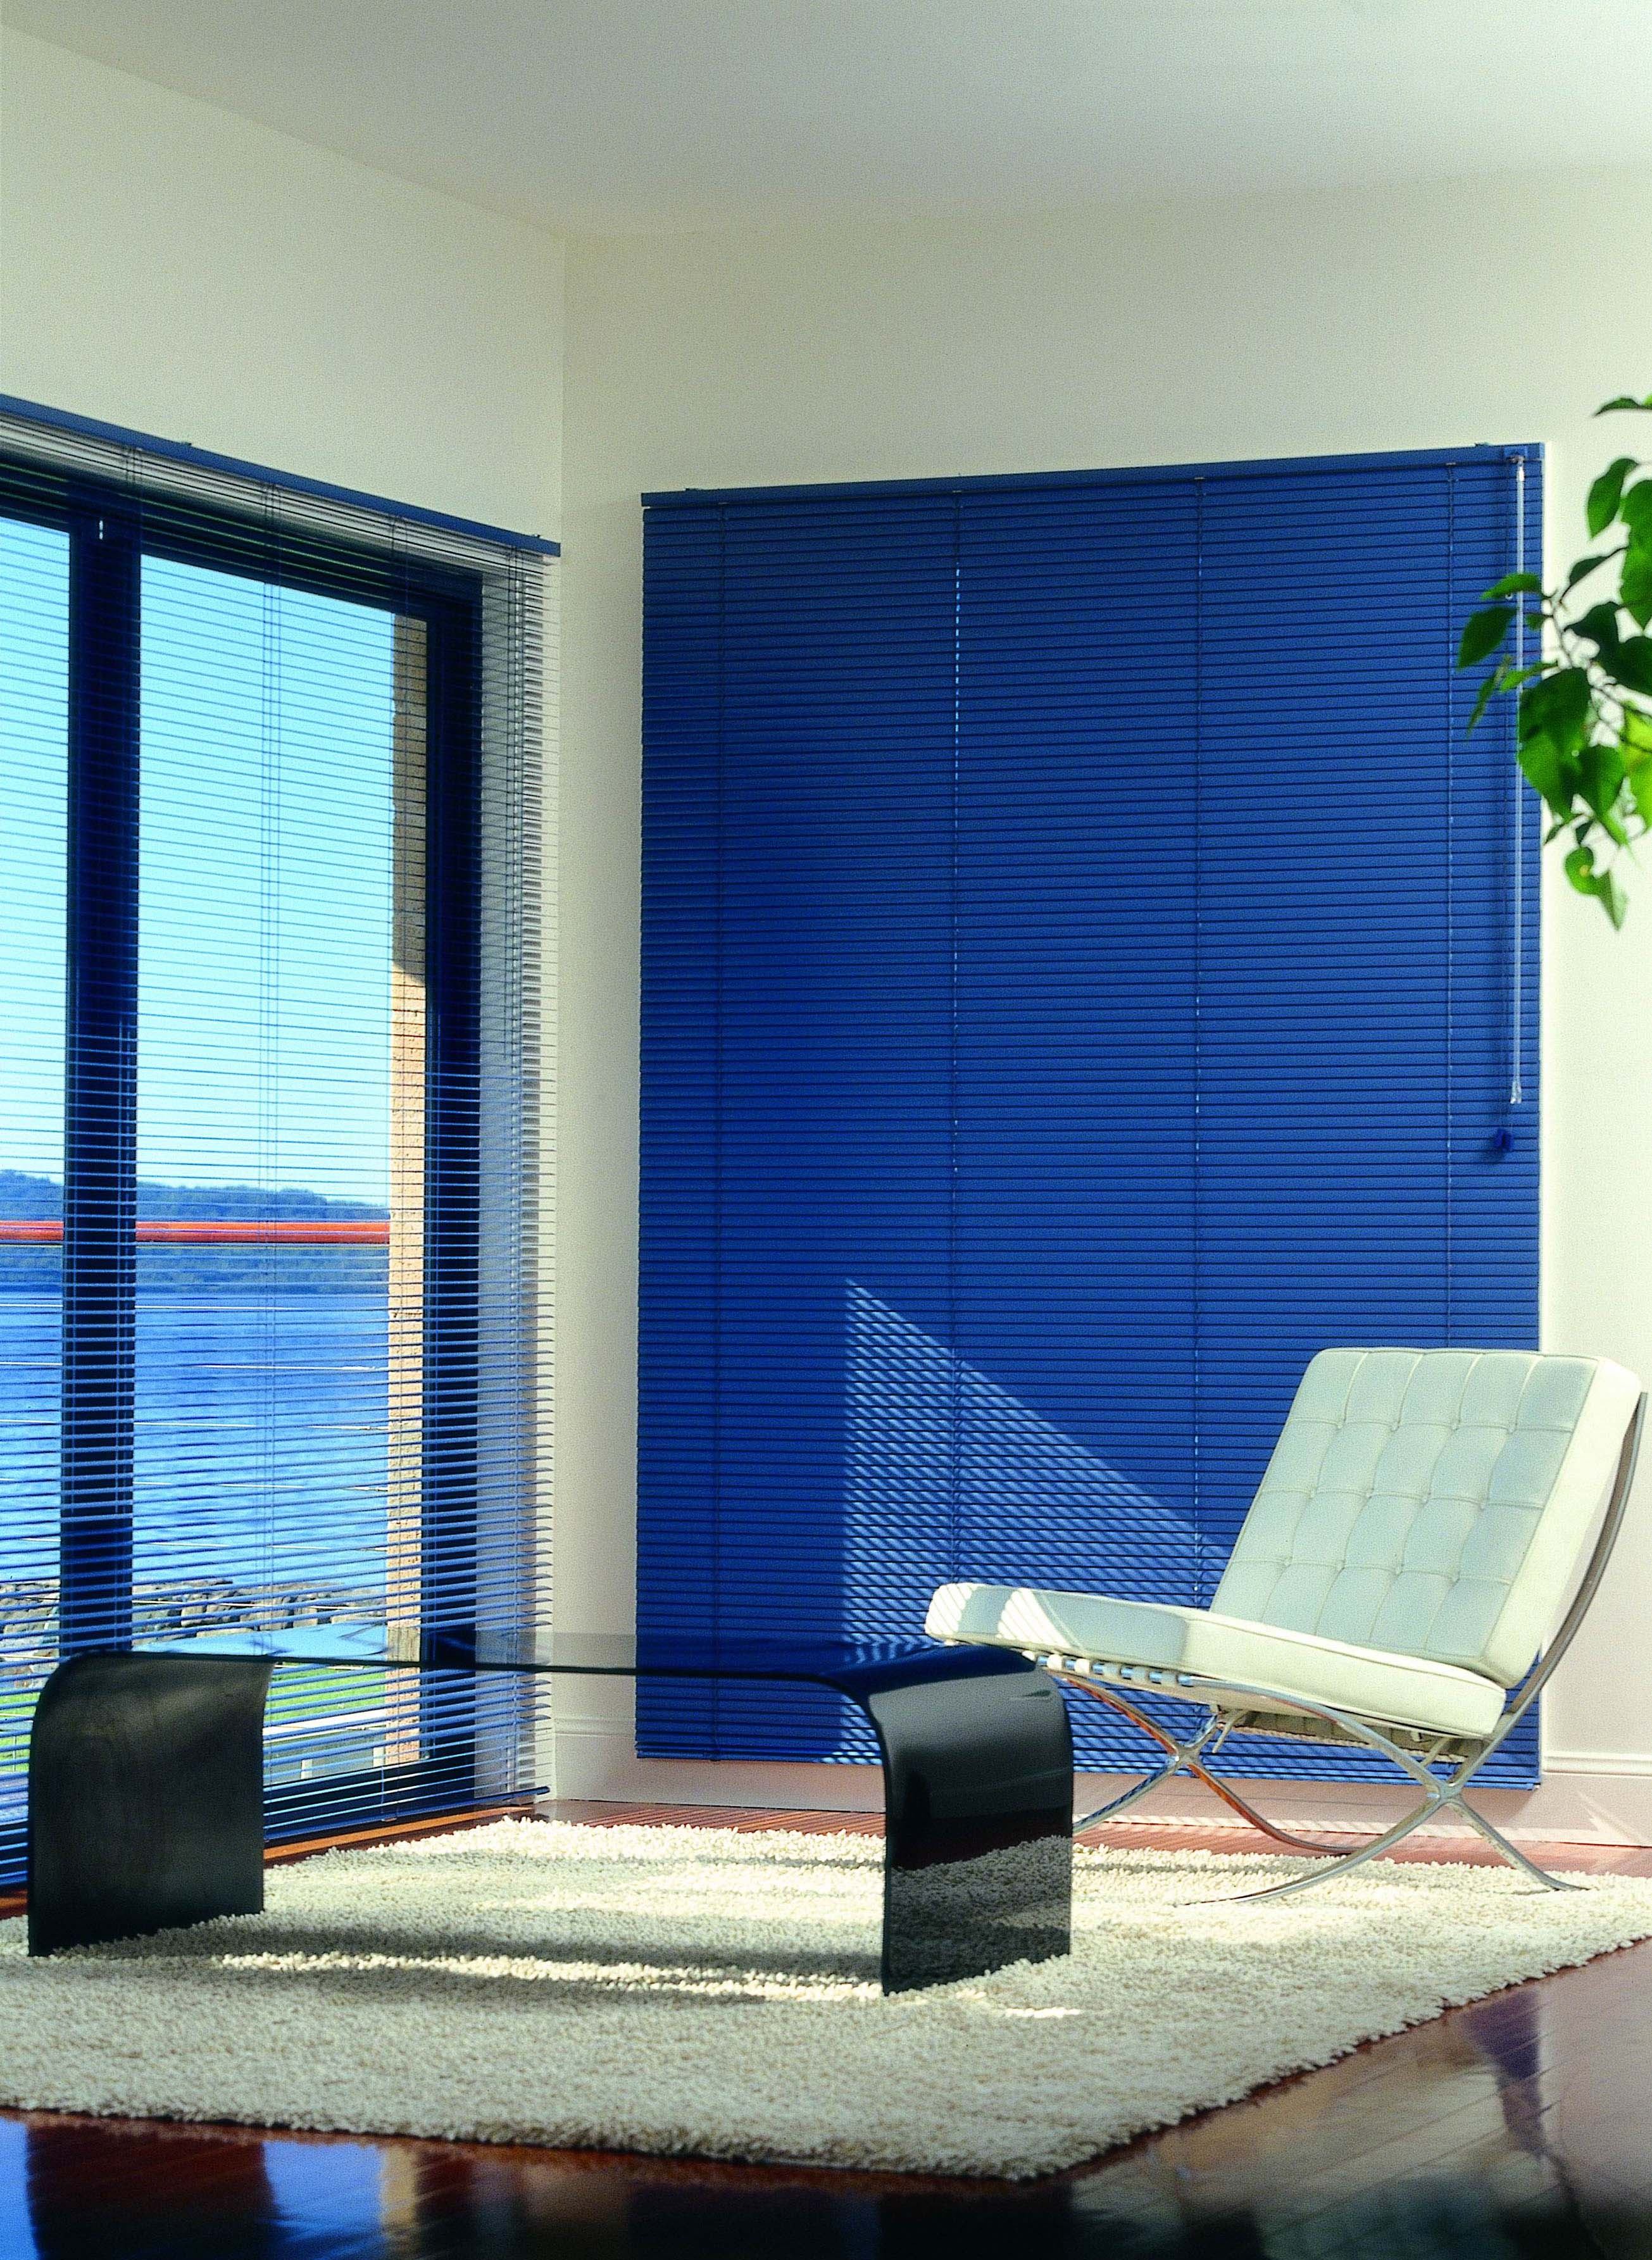 Blue aluminium Venetian blinds closed